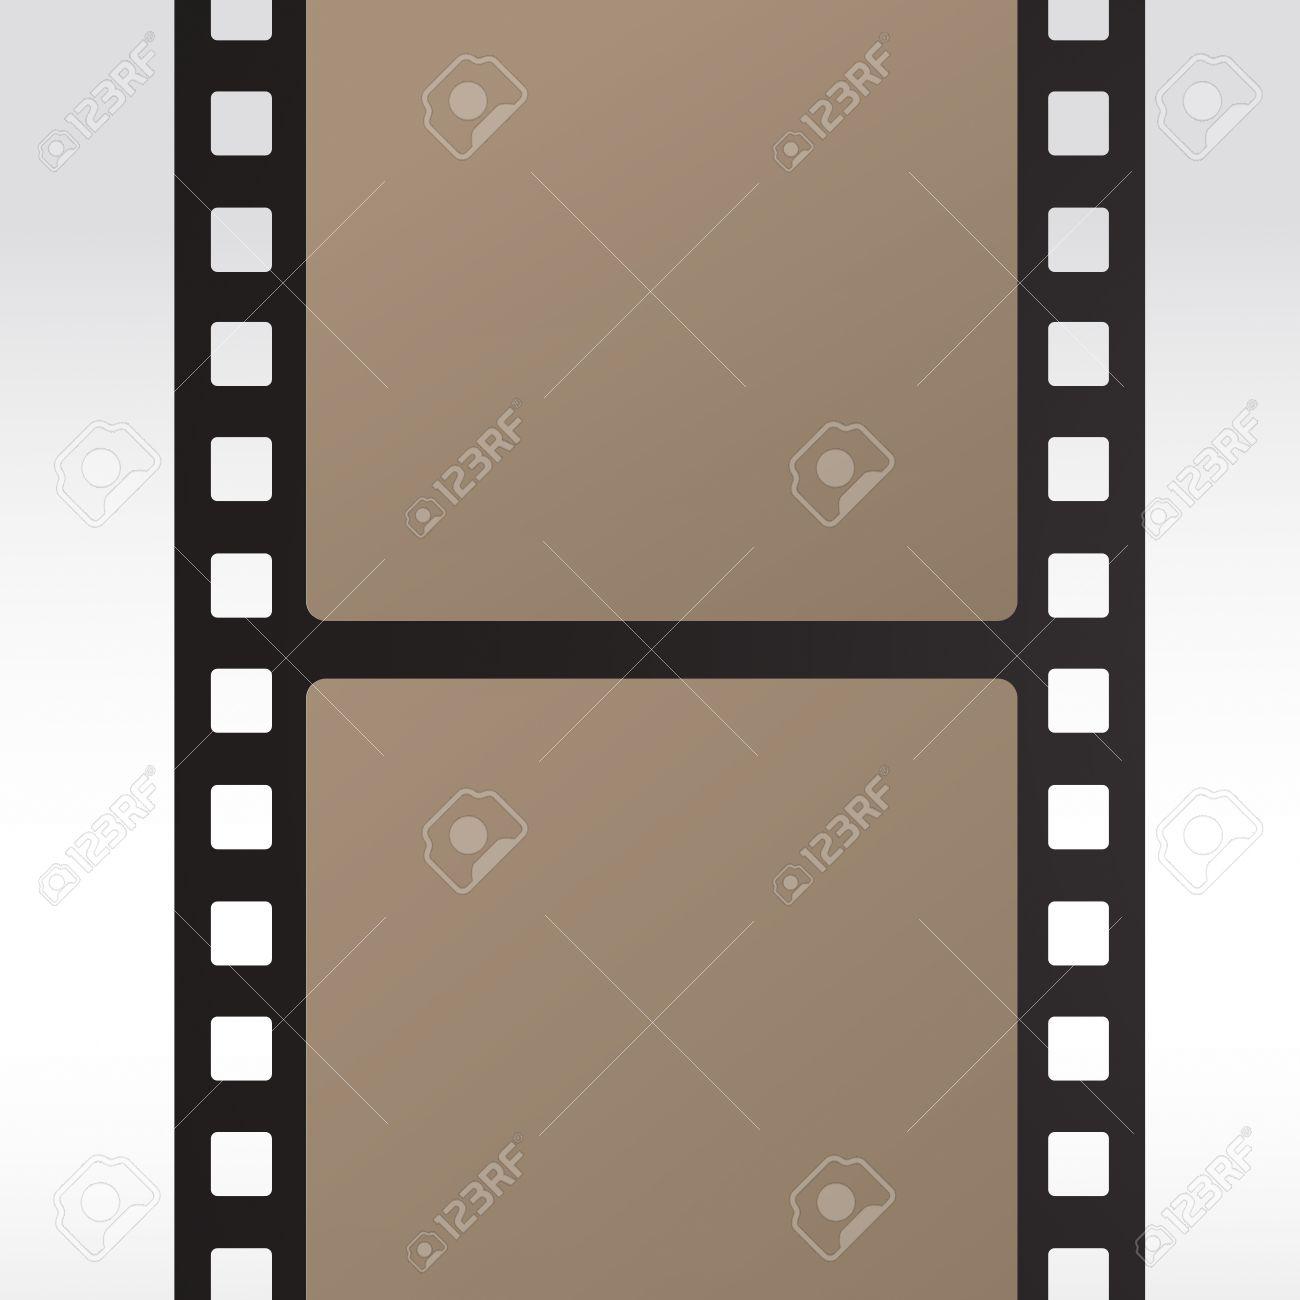 35mm Movie Film Reel Filmstrip Photo Roll Negative Reel Movie